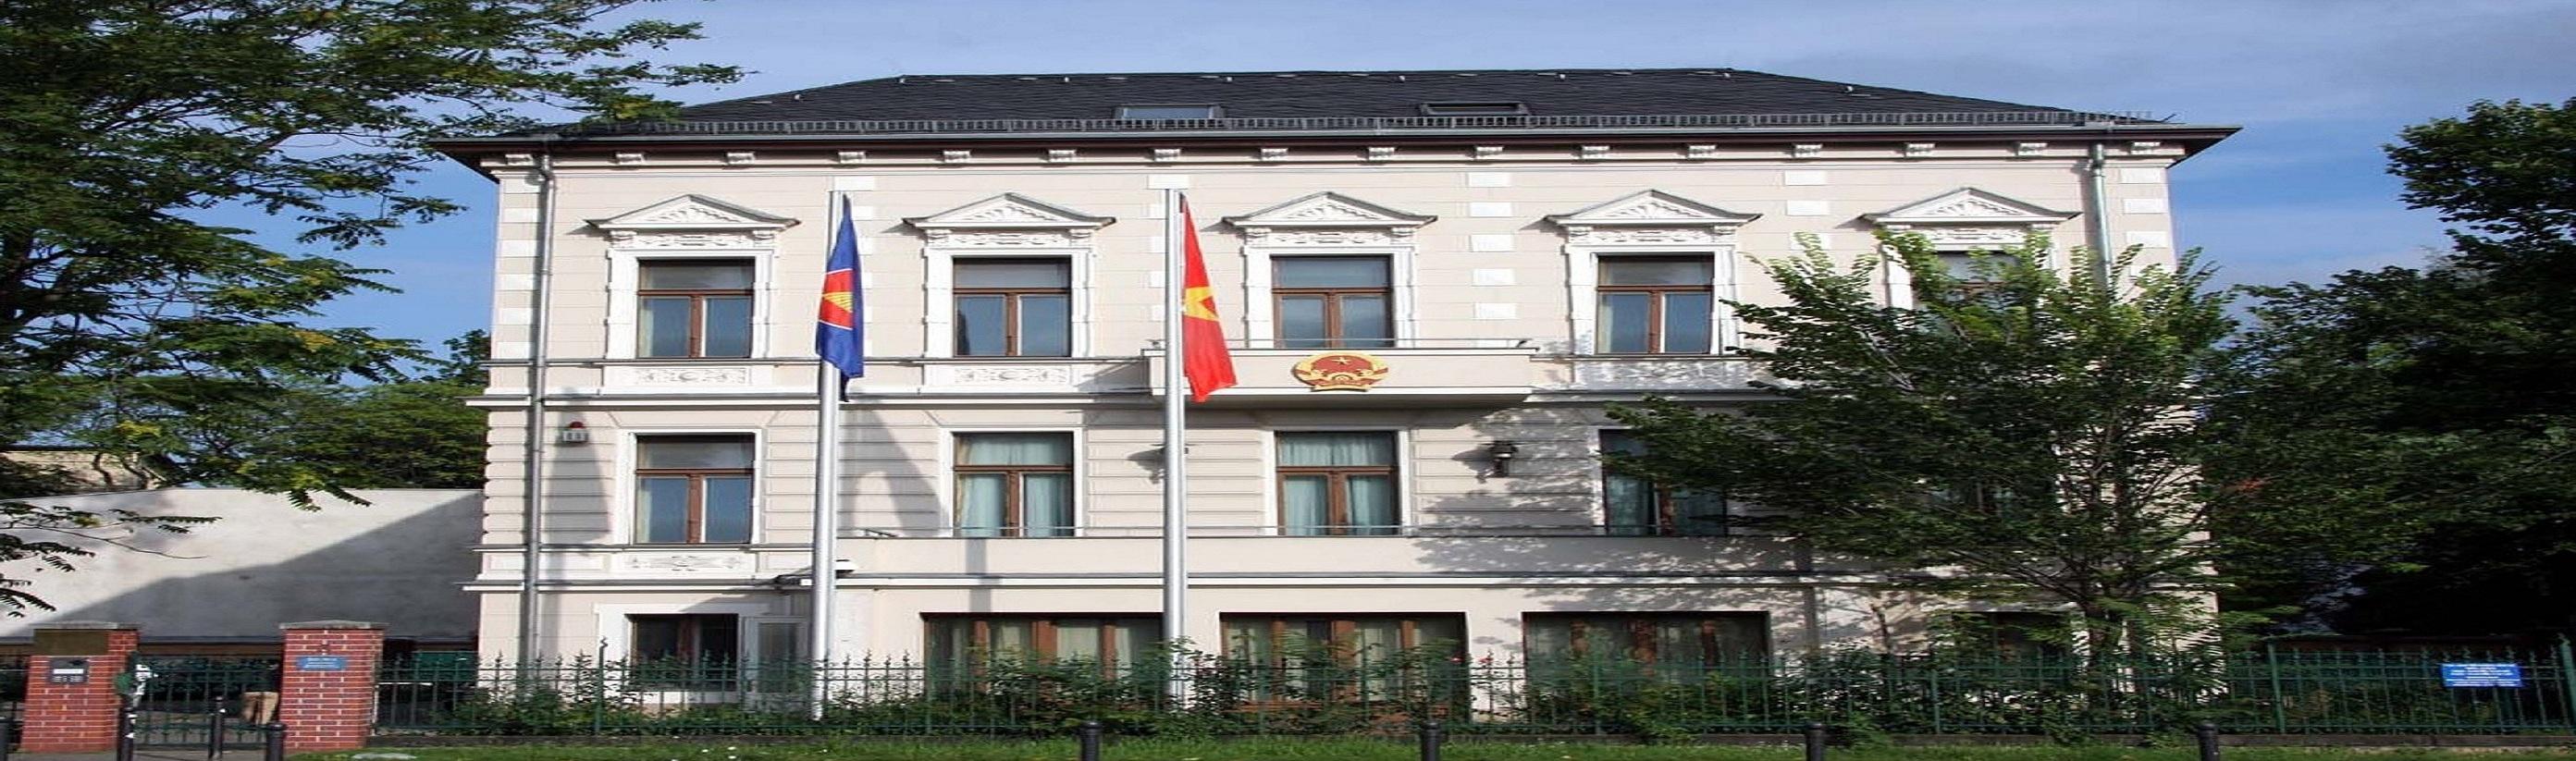 Thông báo của Đại sứ quán Việt Nam tại CHLB Đức về vụ khủng bố ngày19.12